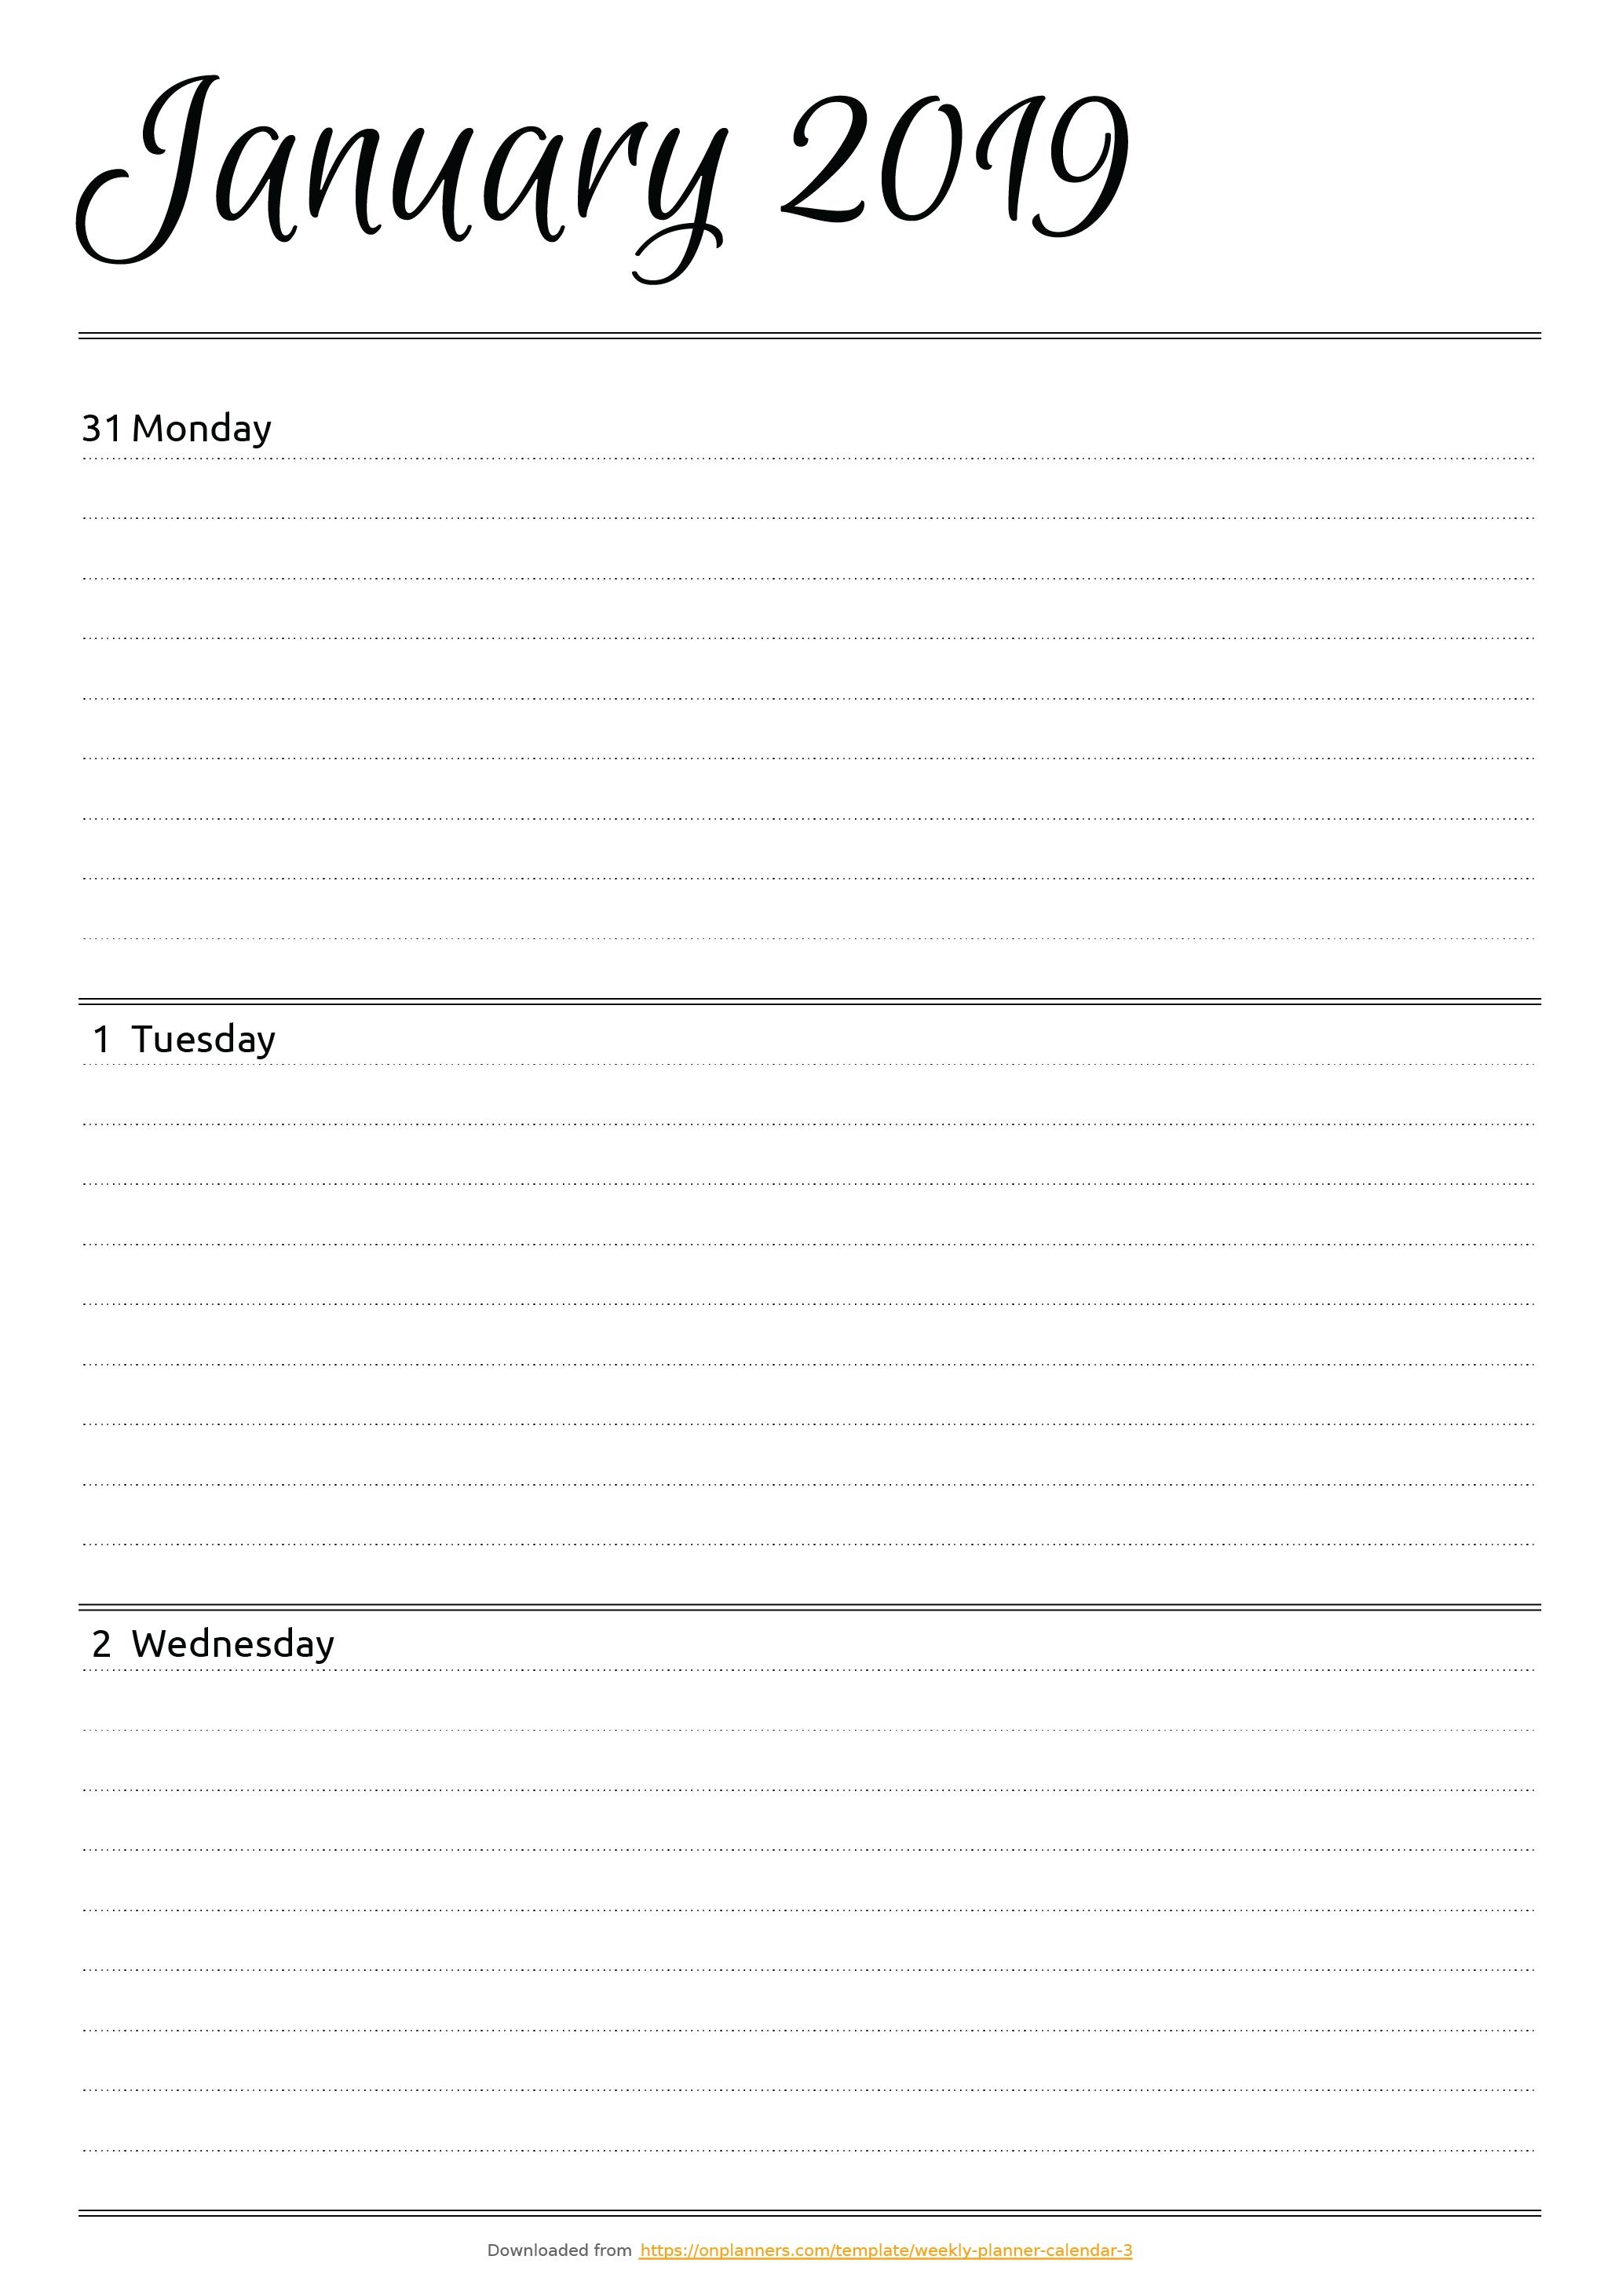 Free Printable Horizontal Weekly Planner Pdf Download throughout Free Printable Weekly Planner Templates